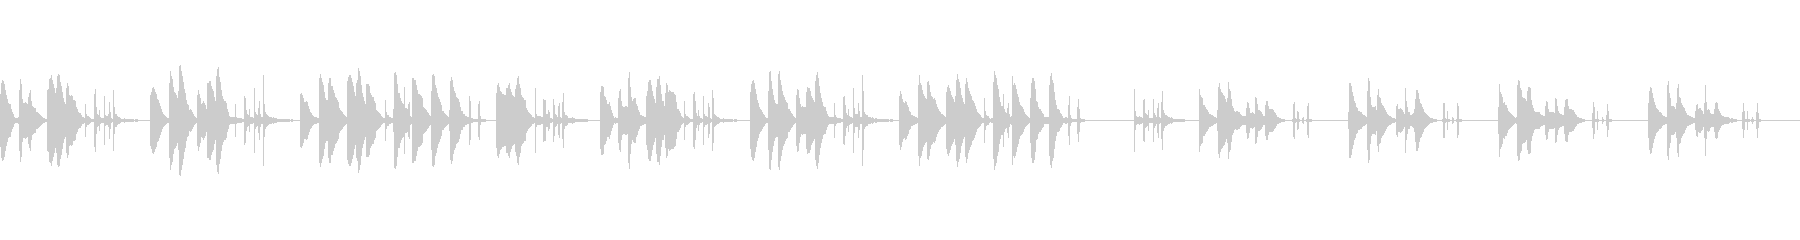 音の少ないシンプルな夜のBGMの未再生の波形